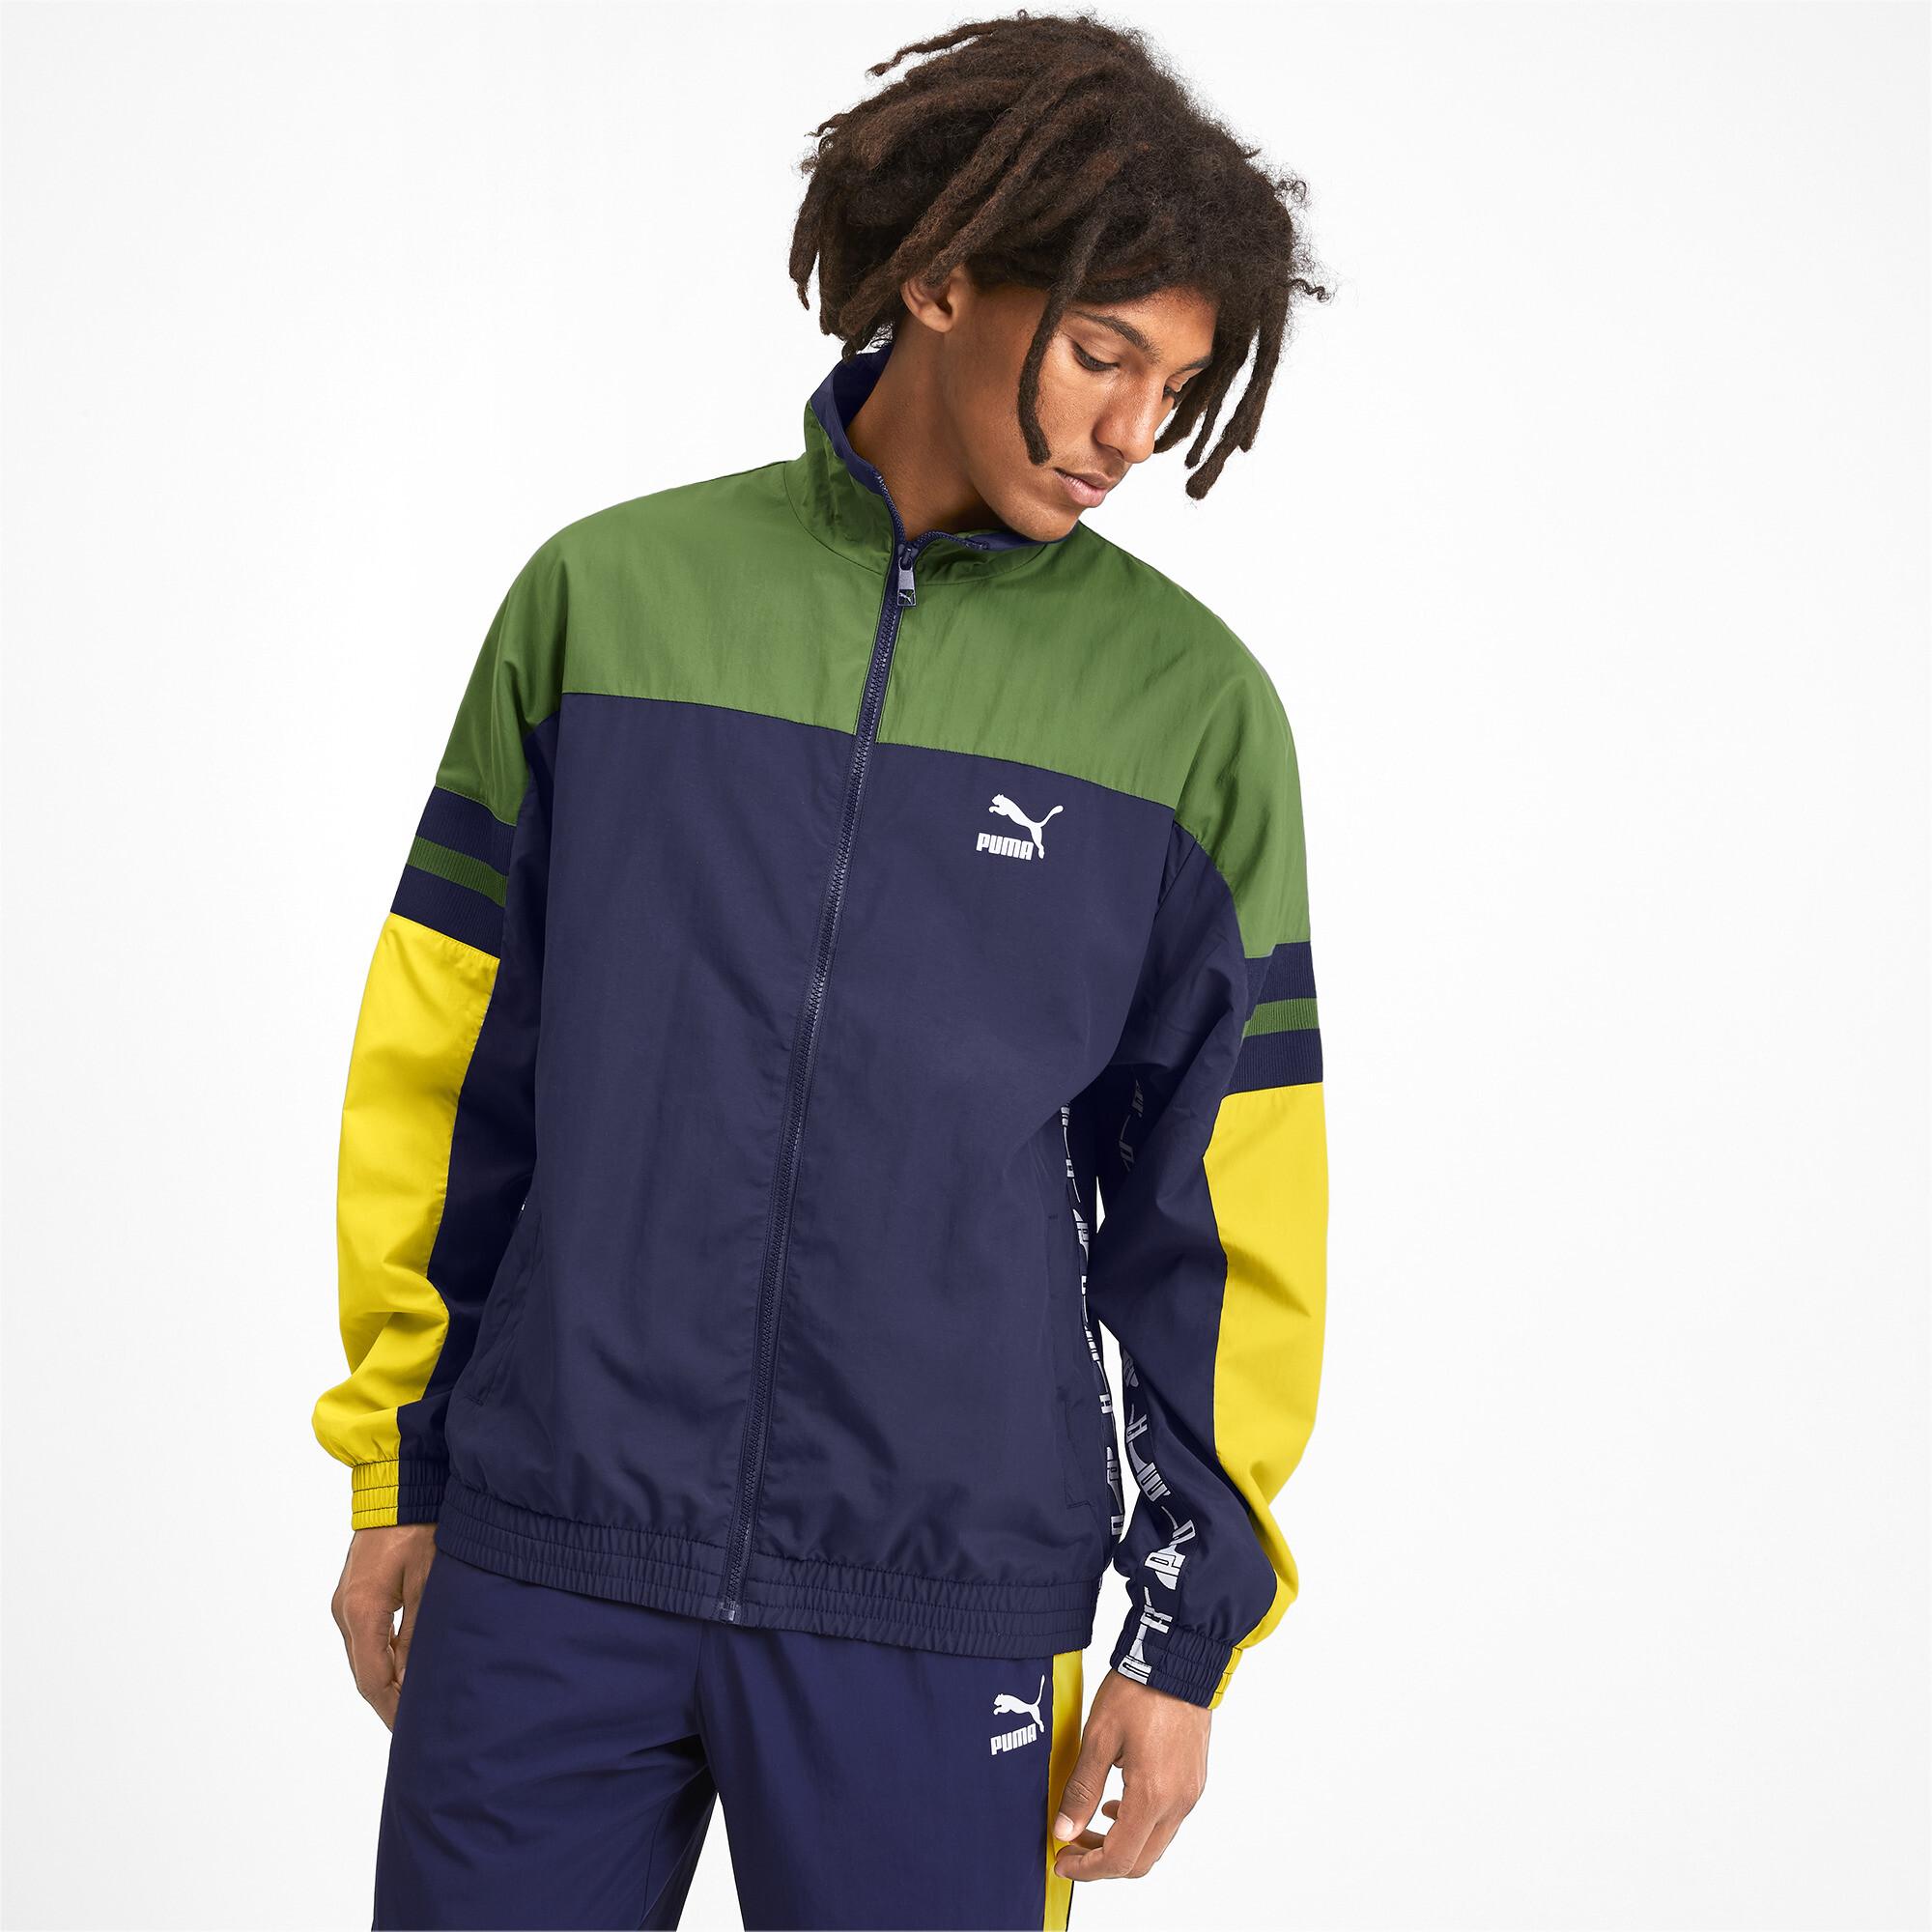 PUMA-PUMA-XTG-Men-039-s-Woven-Jacket-Men-Track-Jacket-Sport-Classics thumbnail 4